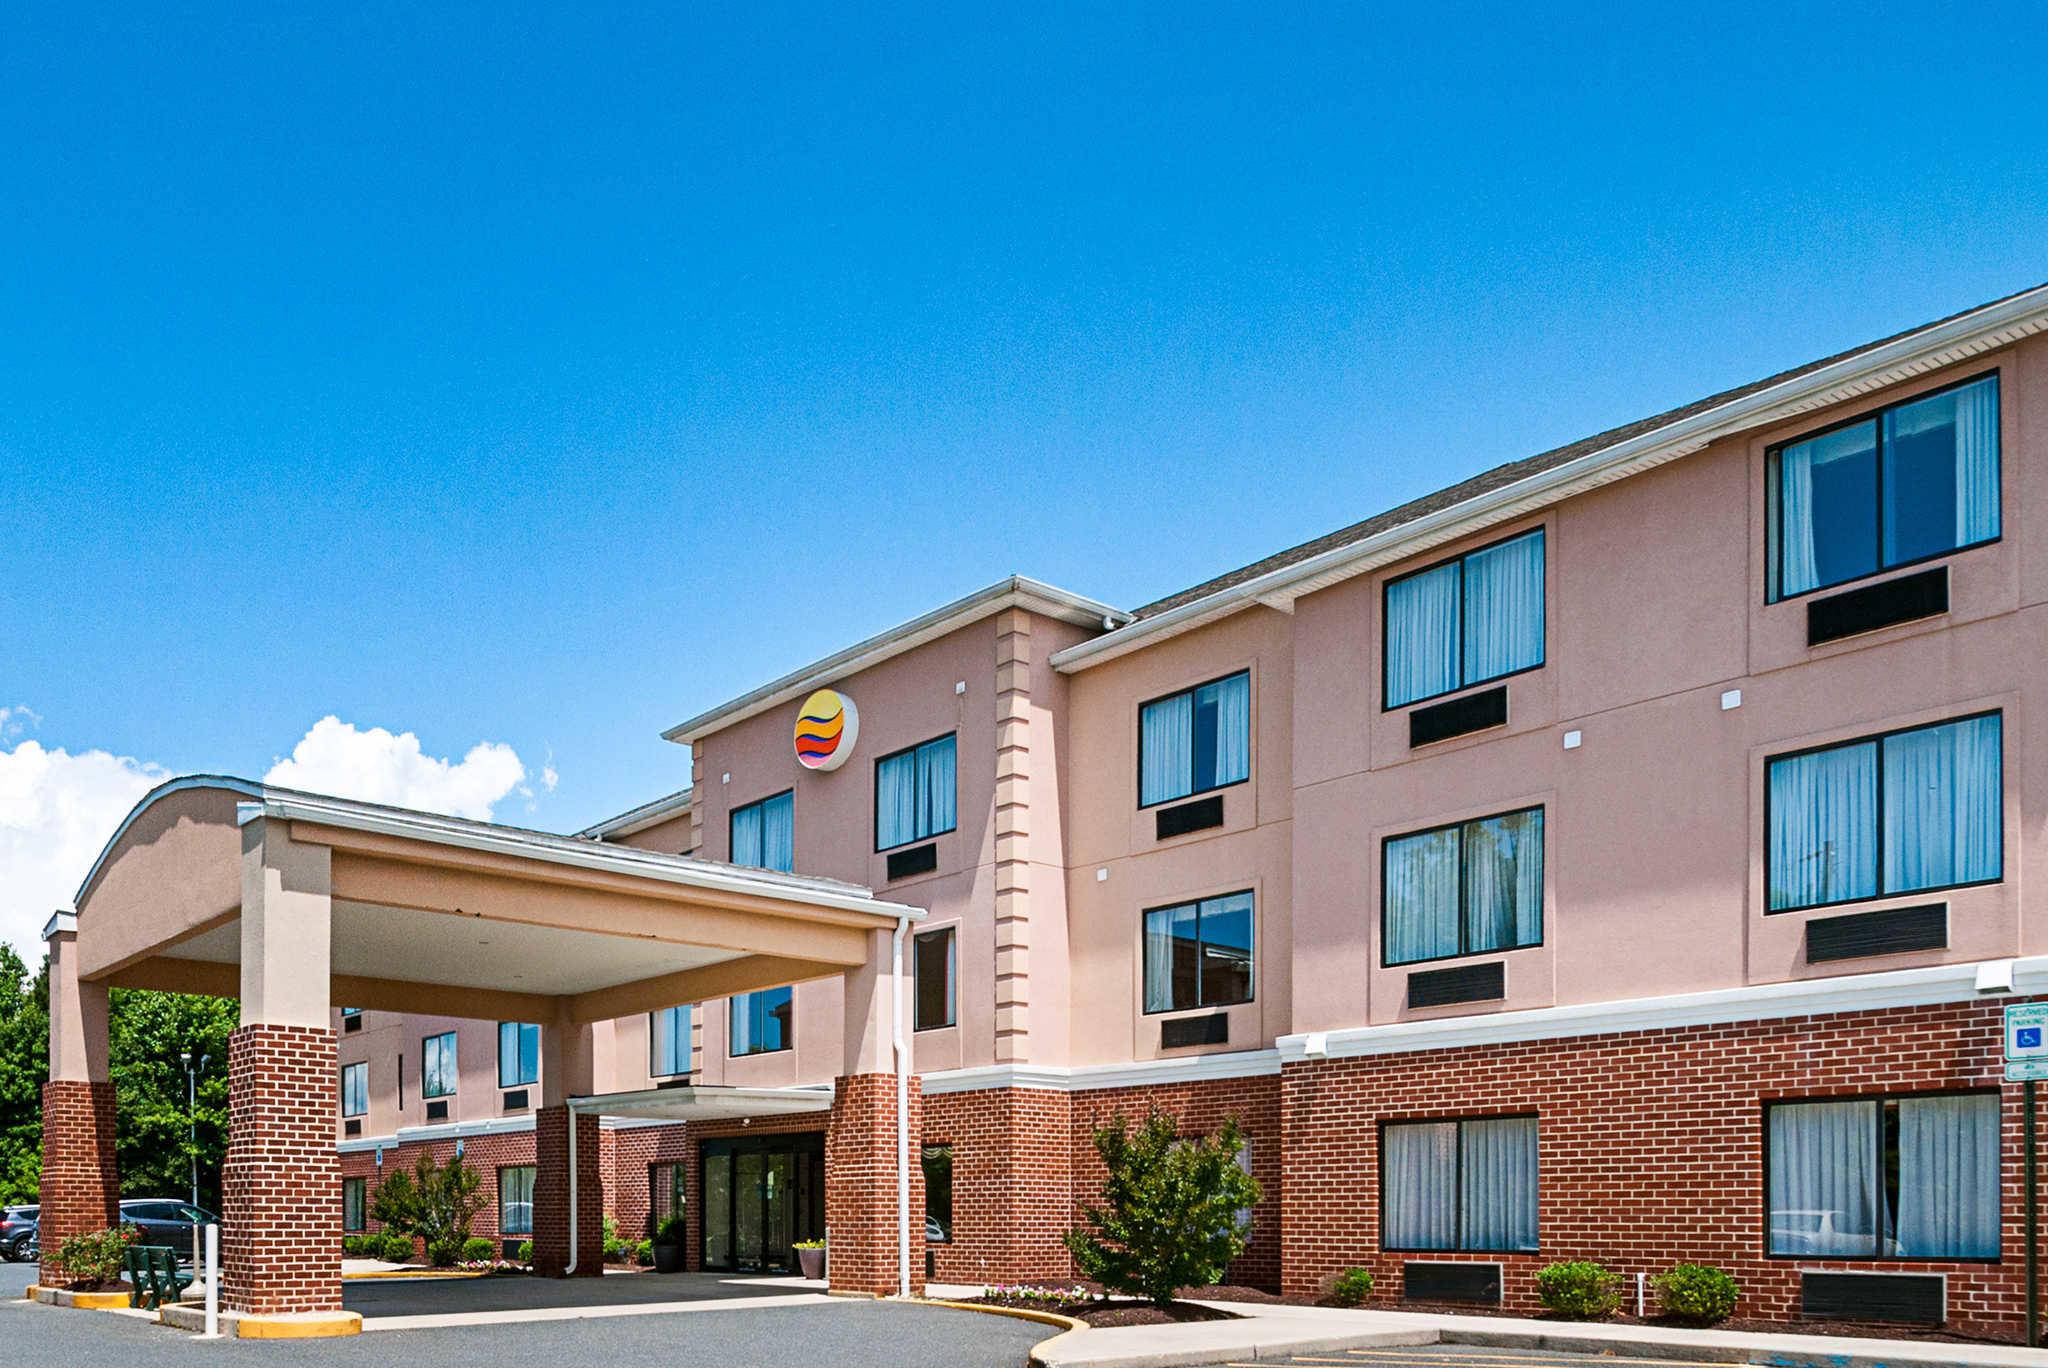 Comfort Inn & Suites Cambridge image 2